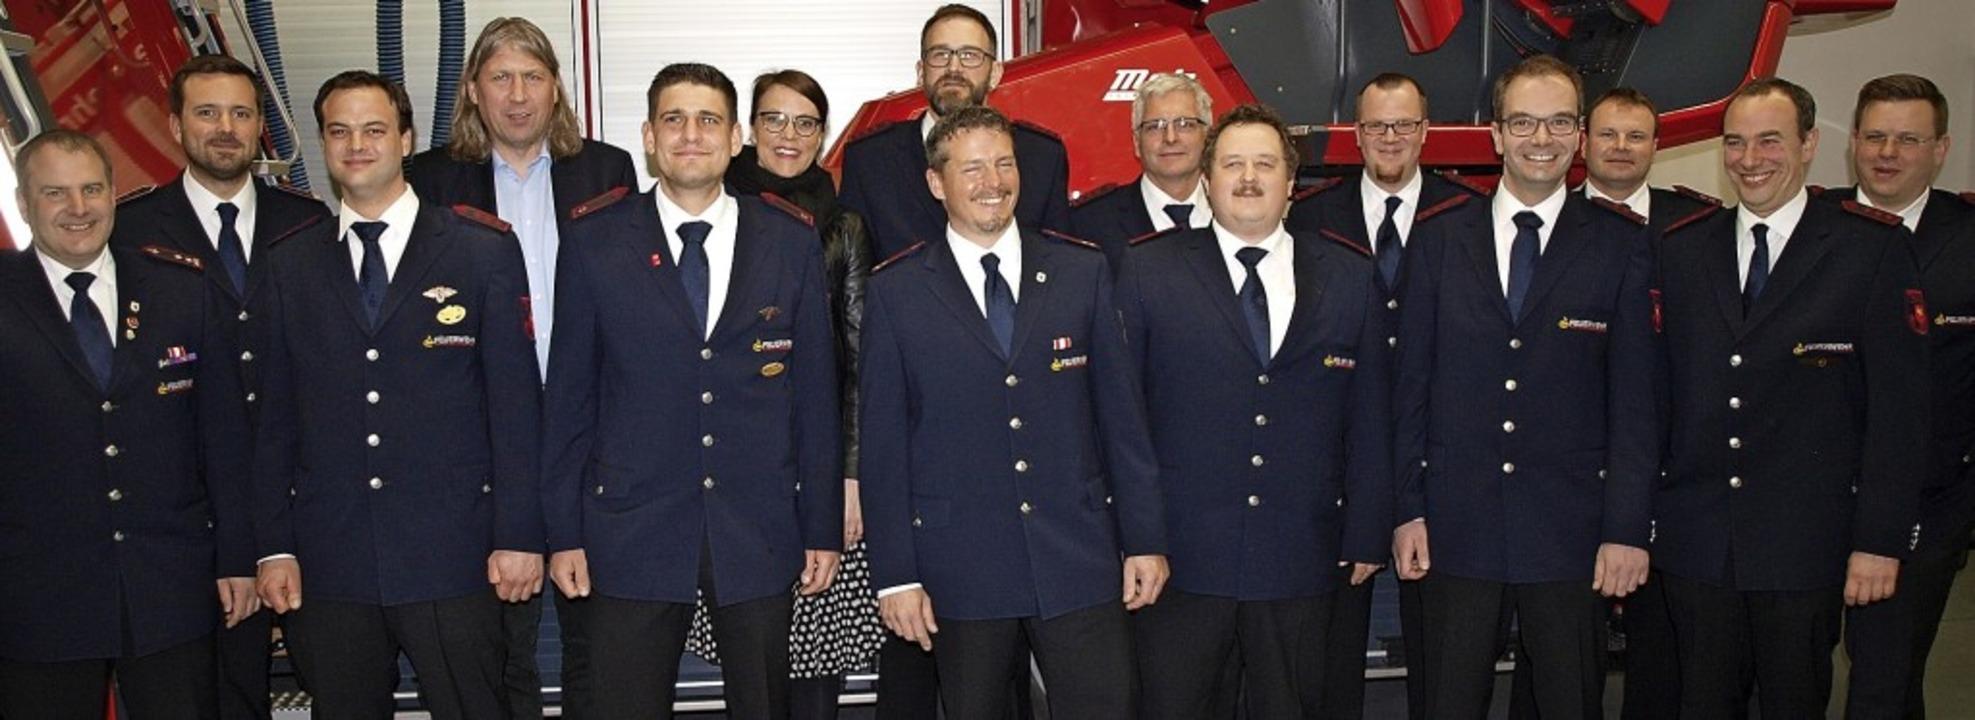 Die Feuerwehrabteilung Lörrach mit Gee...ten und Vertretern der Stadtverwaltung  | Foto: Paul Schleer